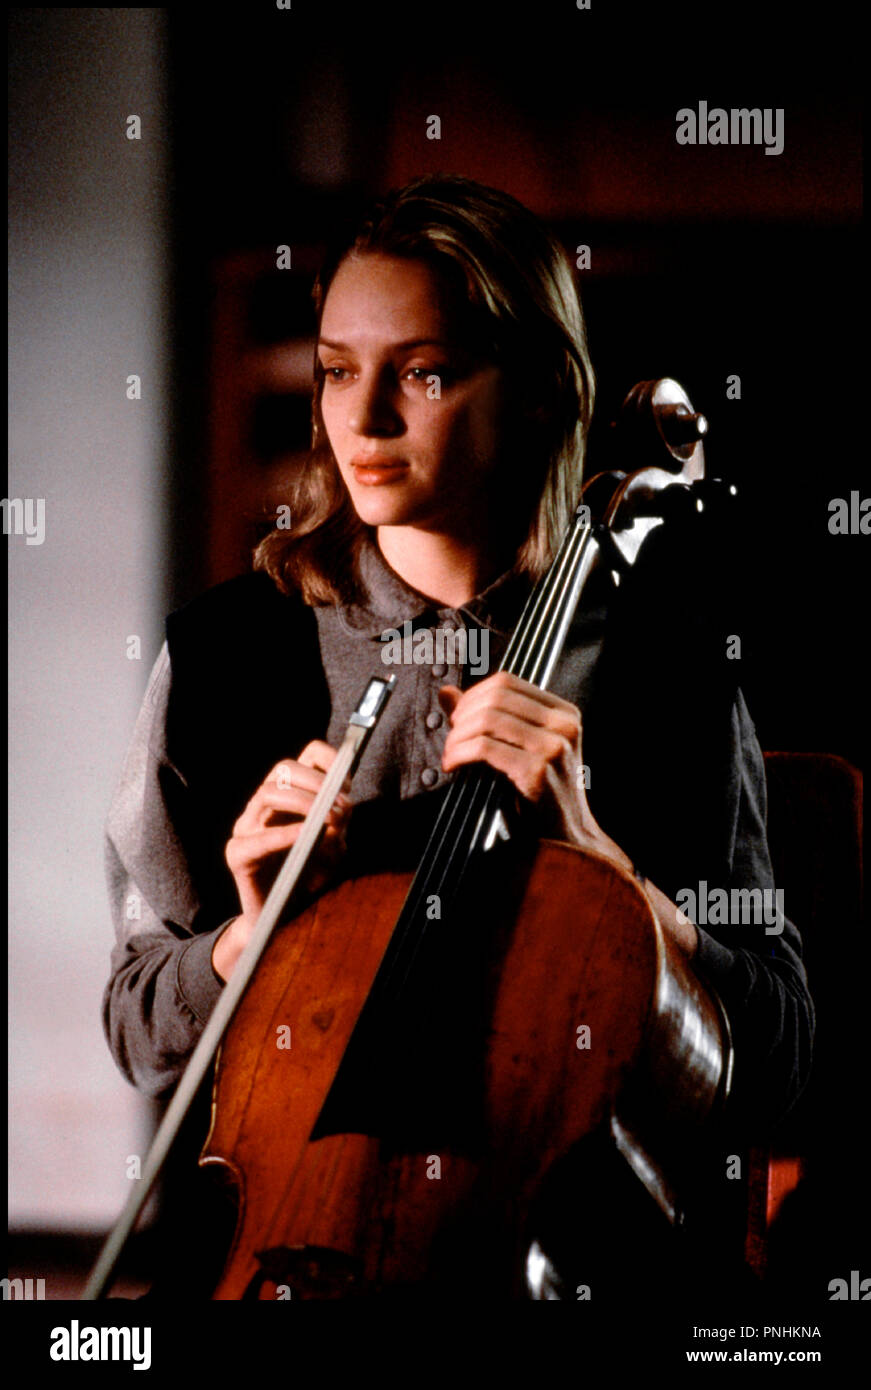 Prod DB © Paramount / DR JENNIFER 8 (JENNIFER EIGHT) de Bruce Robinson 1992 USA avec Uma Thurman instrument de musique, musicienne,  jouer, violoncelle - Stock Image